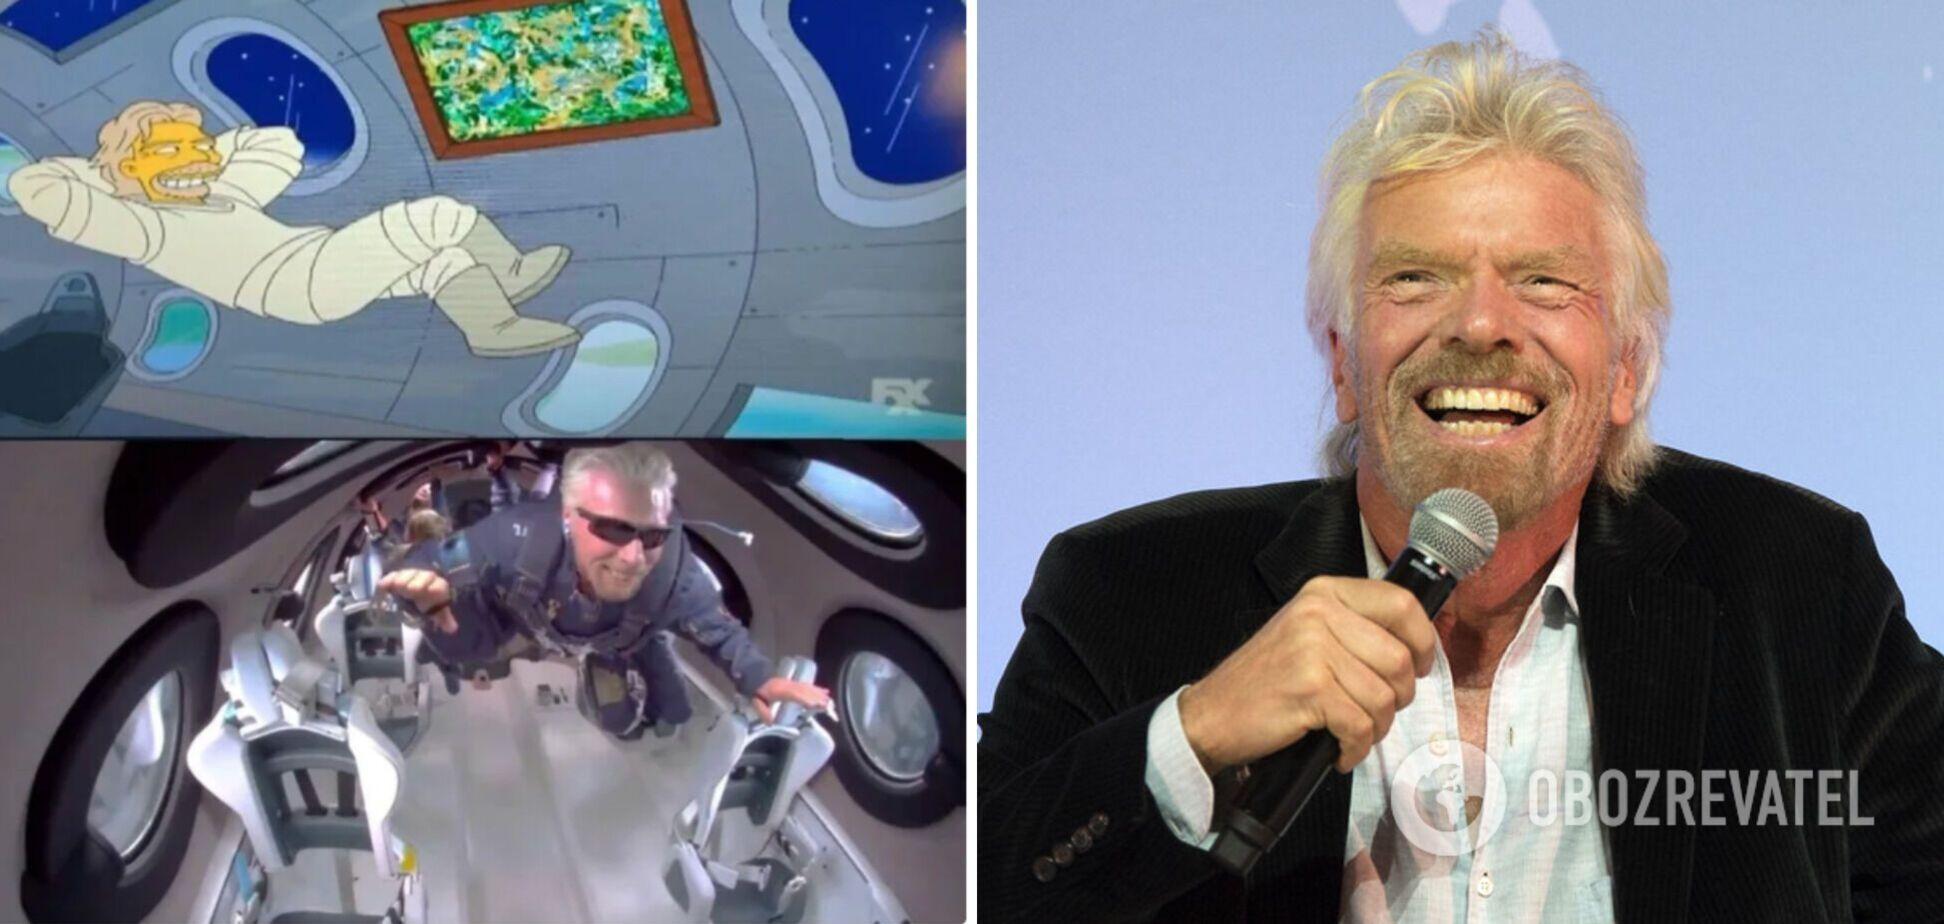 'Сімпсони' знали про політ Бренсона в космос ще 13 років тому: збулось чергове передбачення мультсеріалу